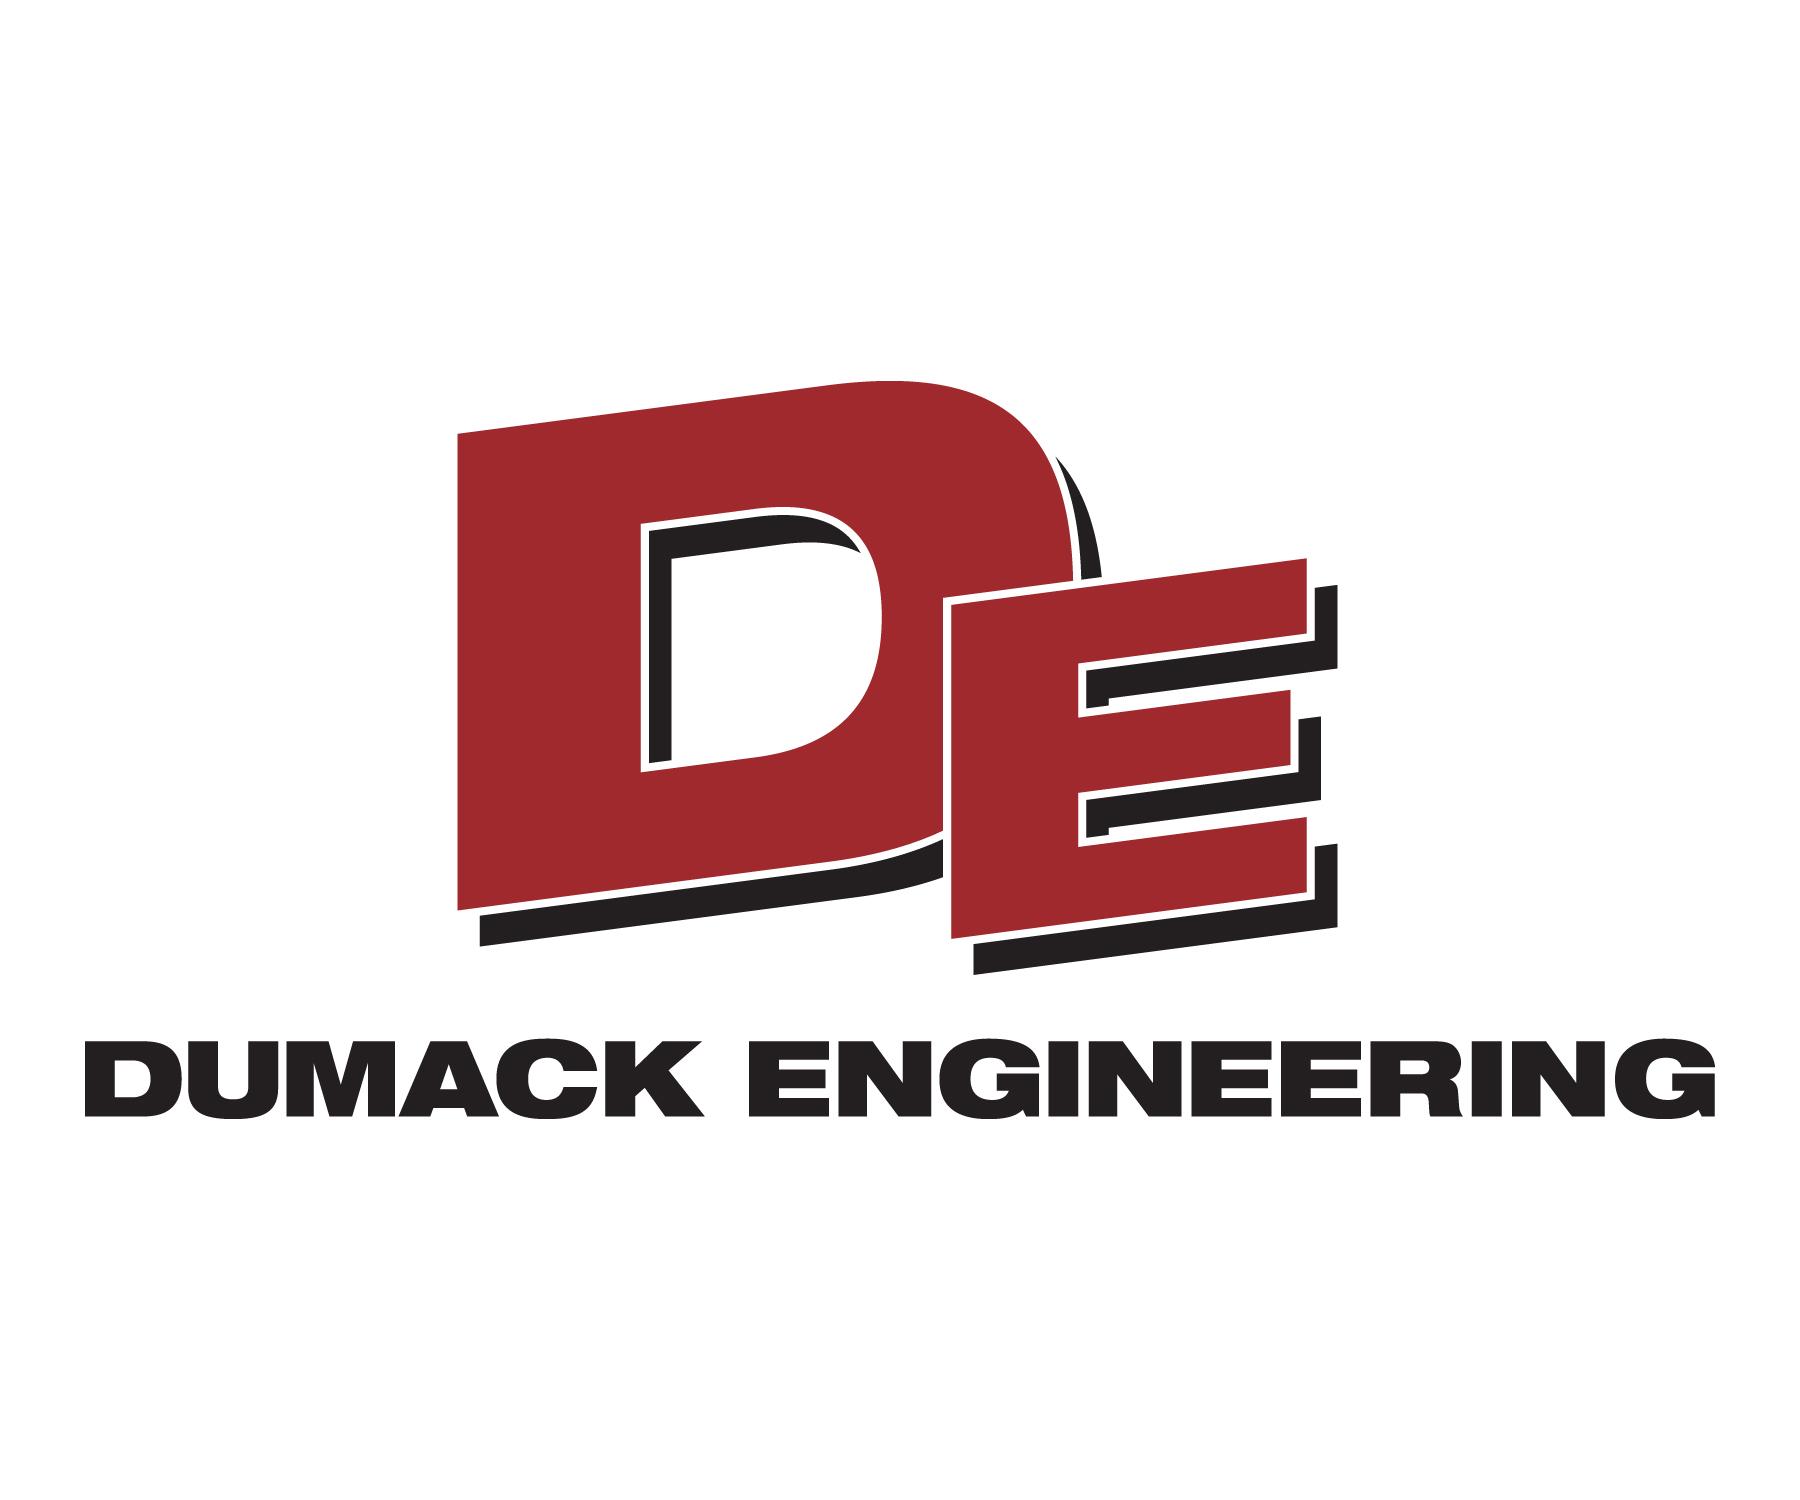 dumack-engineer-fin-long-300dpi.jpg